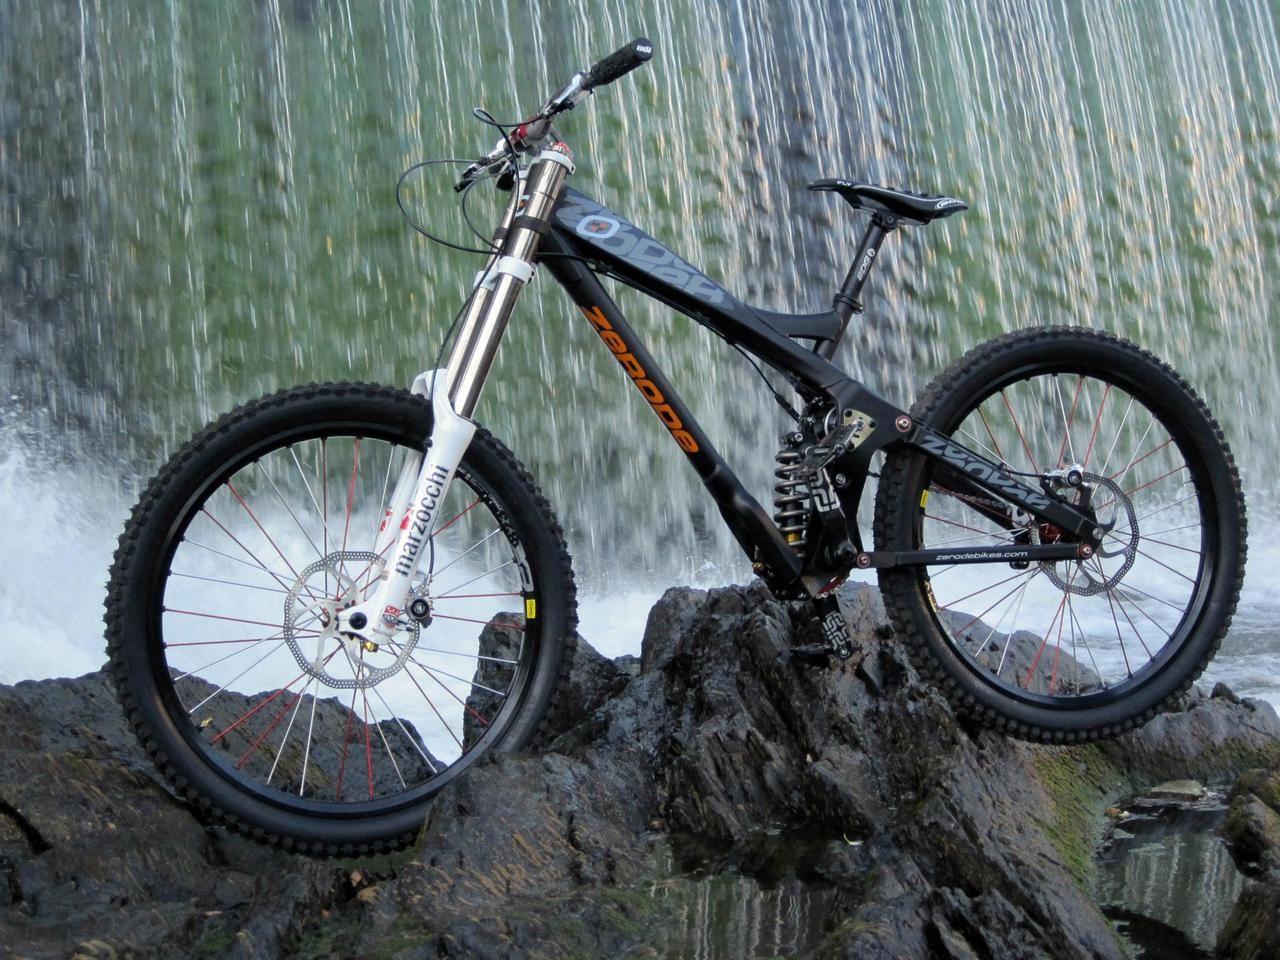 Zebode Downhill Bike Downhill Bike Mtb Bike All Terrain Bicycle